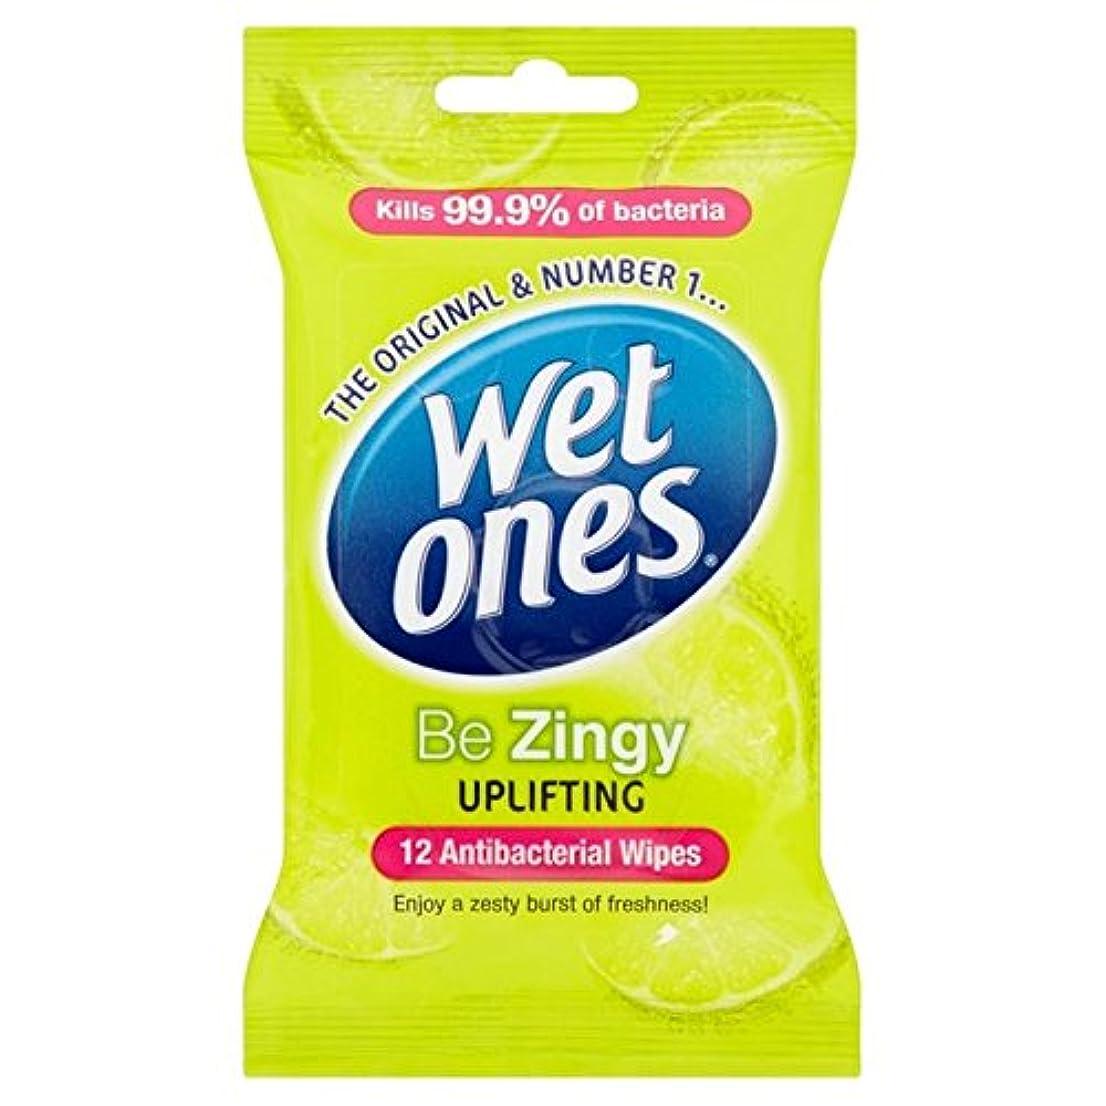 賠償サーバント自宅でWet Ones Cleansing Anti Bacterial Wipes 12 per pack - 抗バクテリアをクレンジング湿ったものはパックごとに12ワイプ [並行輸入品]